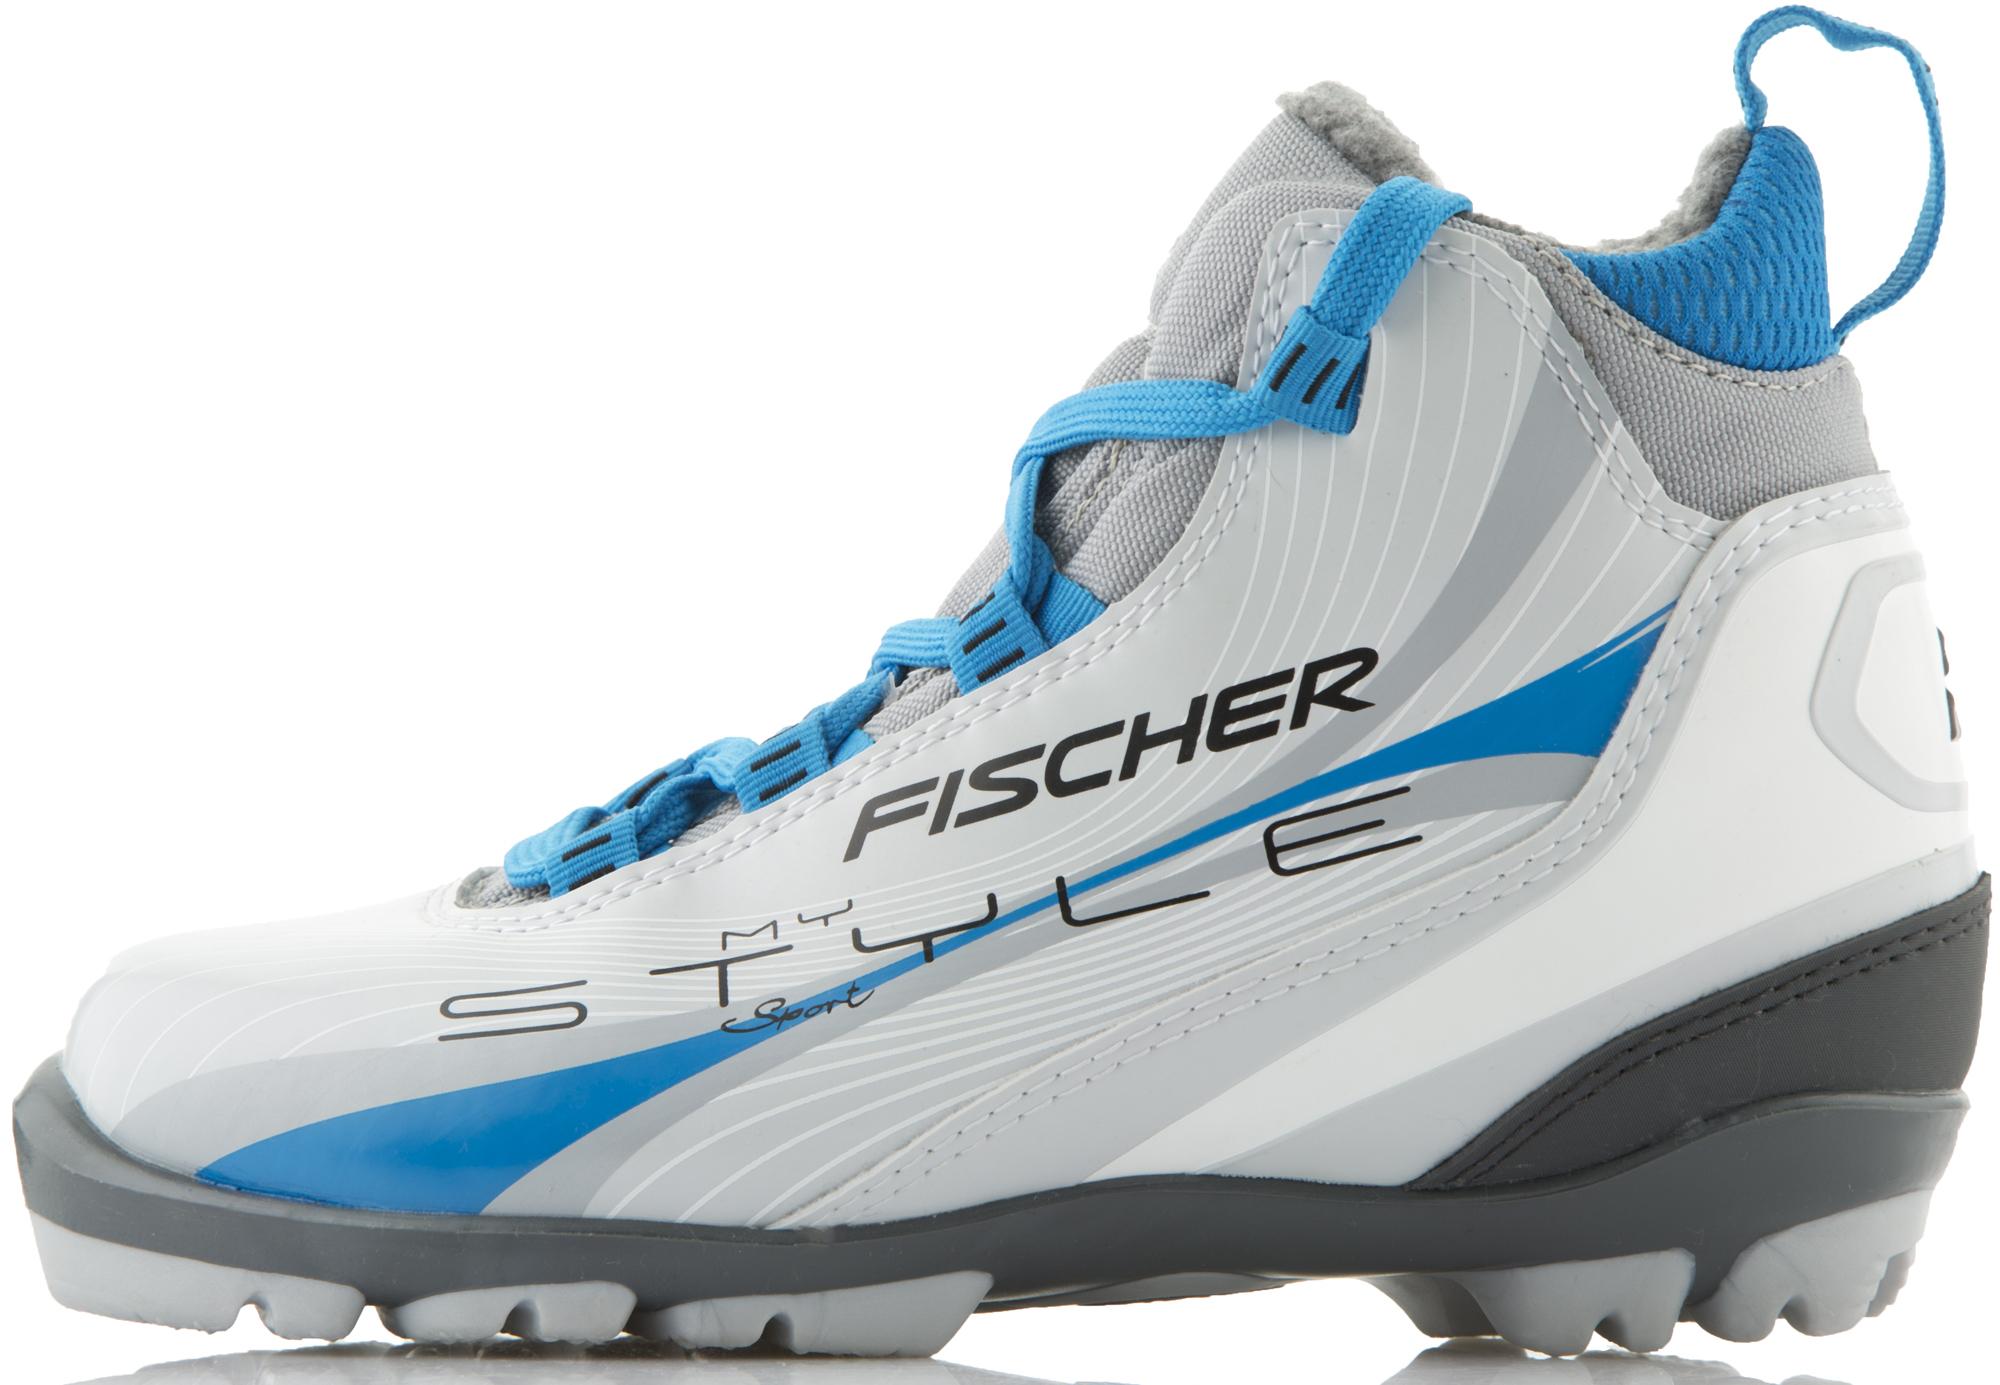 Fischer Ботинки для беговых лыж женские Fischer XC Sport My Style, размер 34 цены онлайн